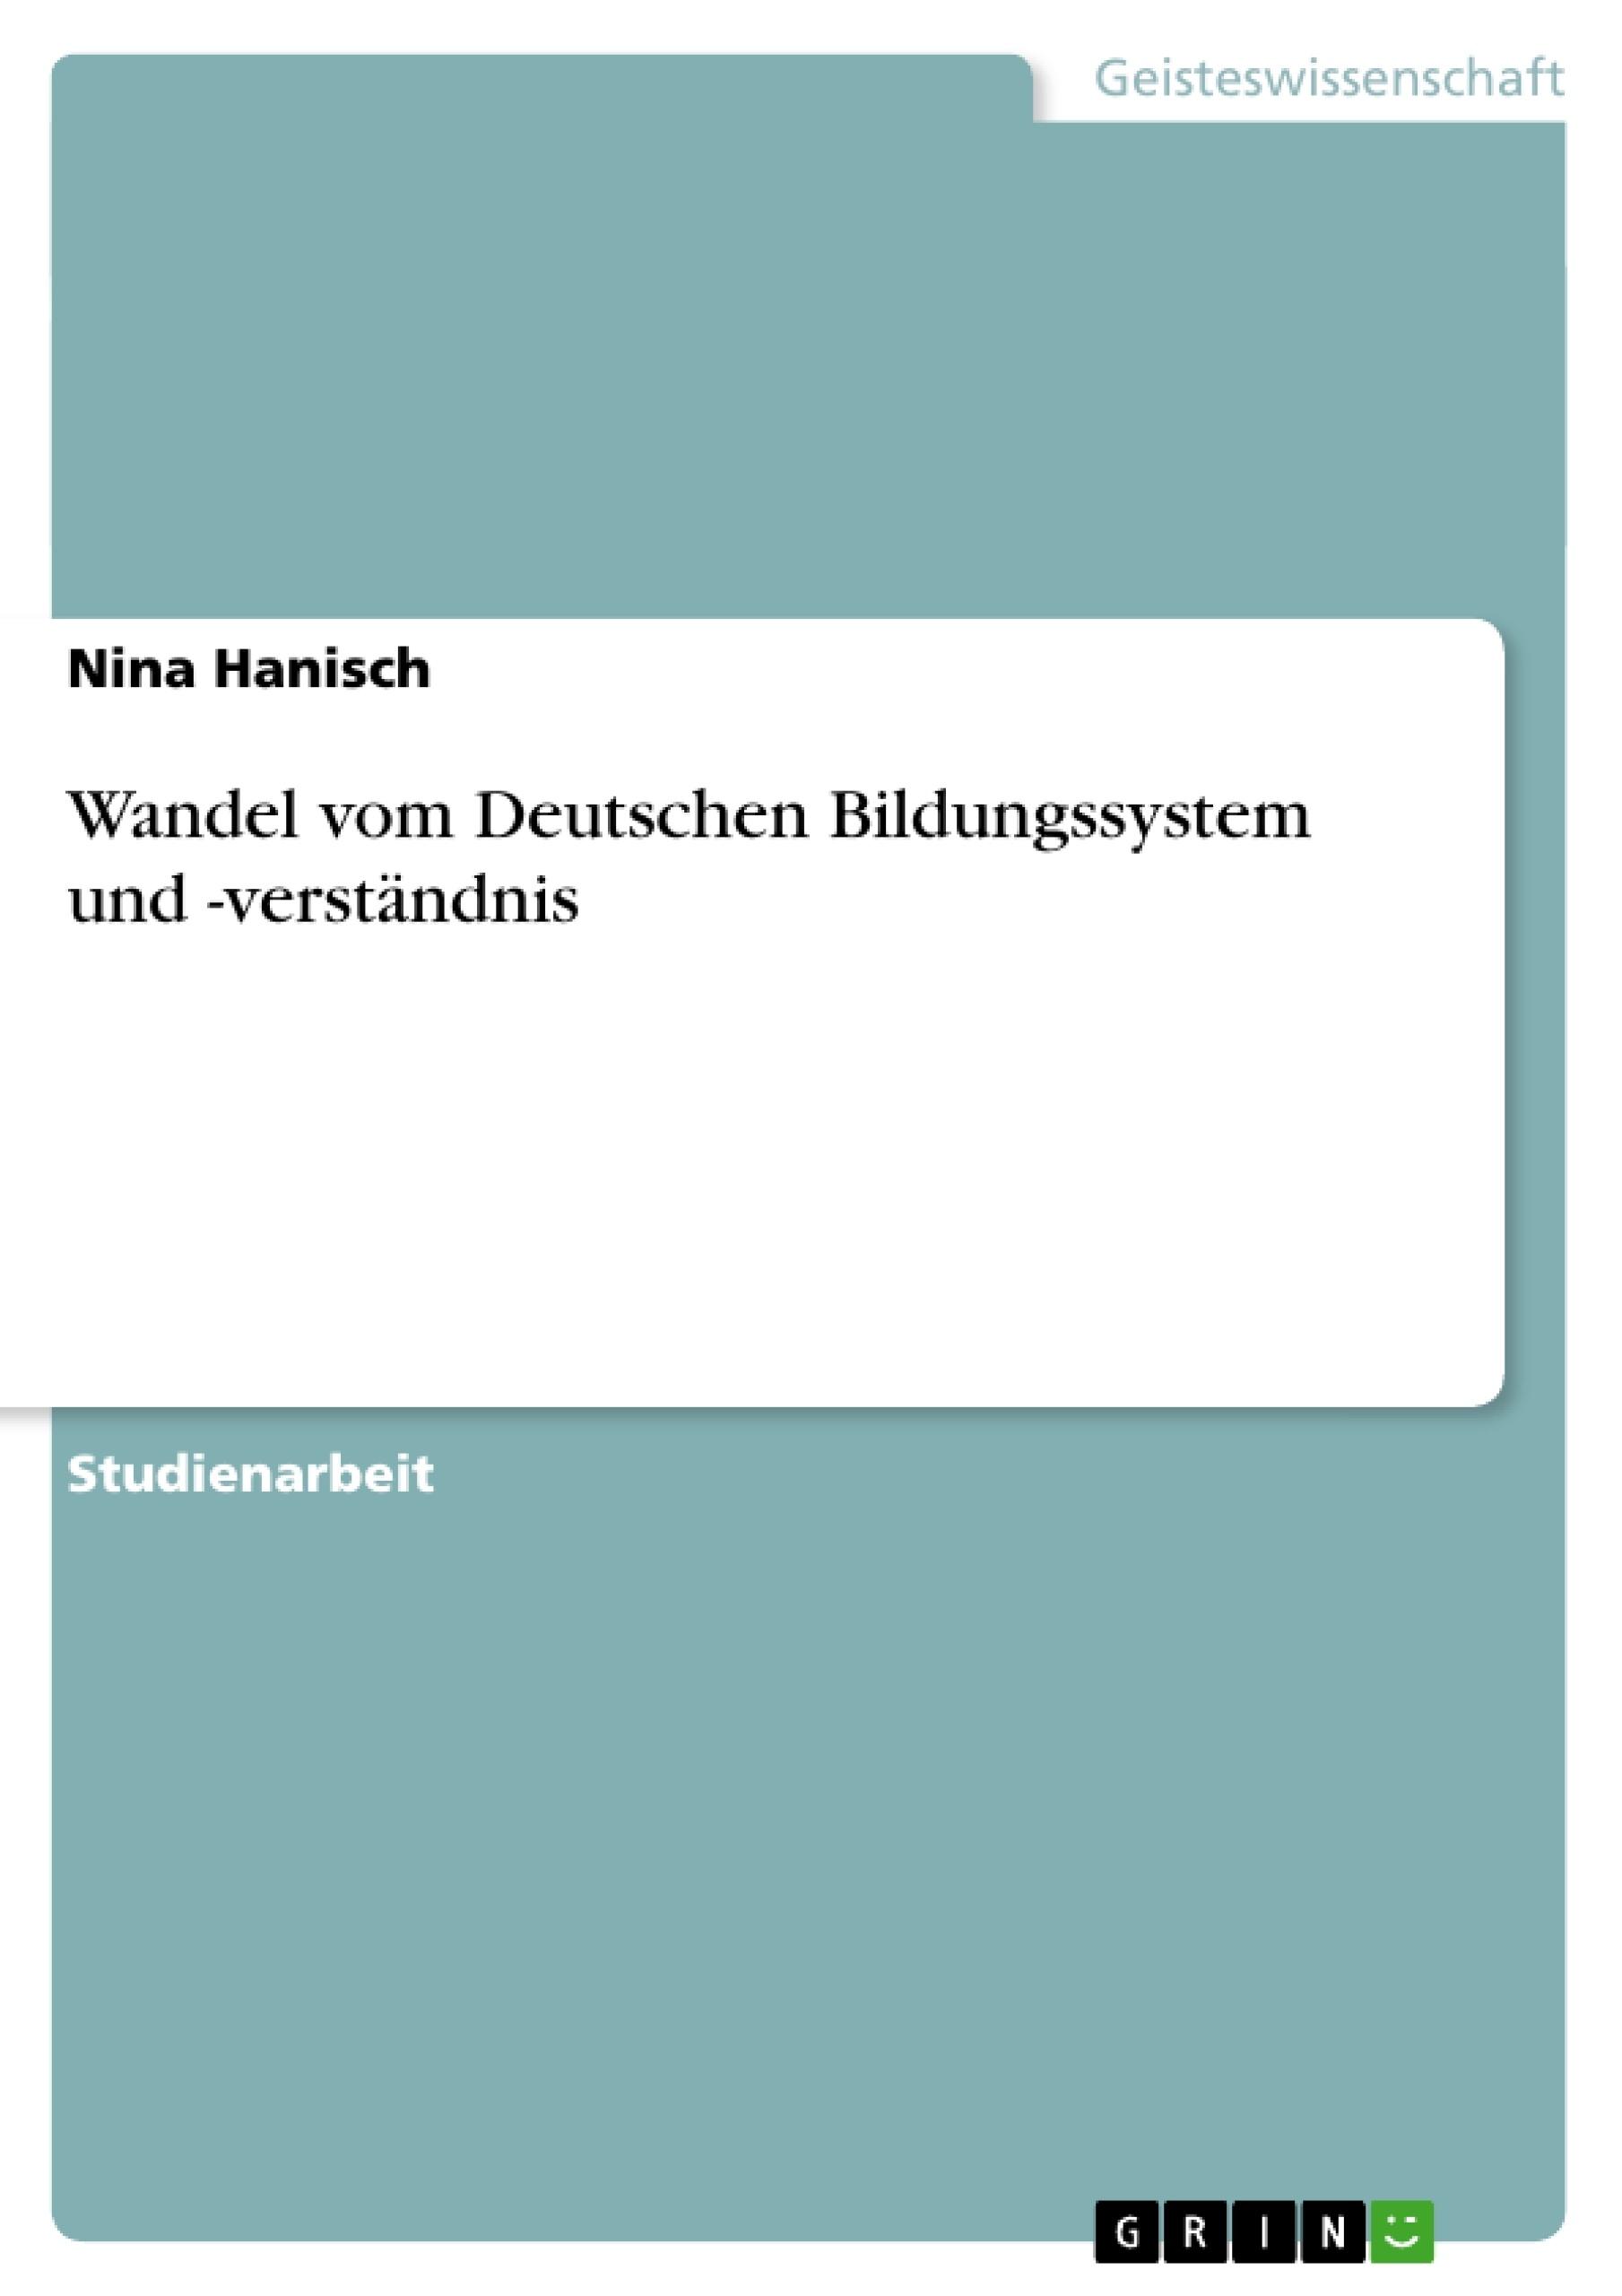 Titel: Wandel vom Deutschen Bildungssystem und -verständnis